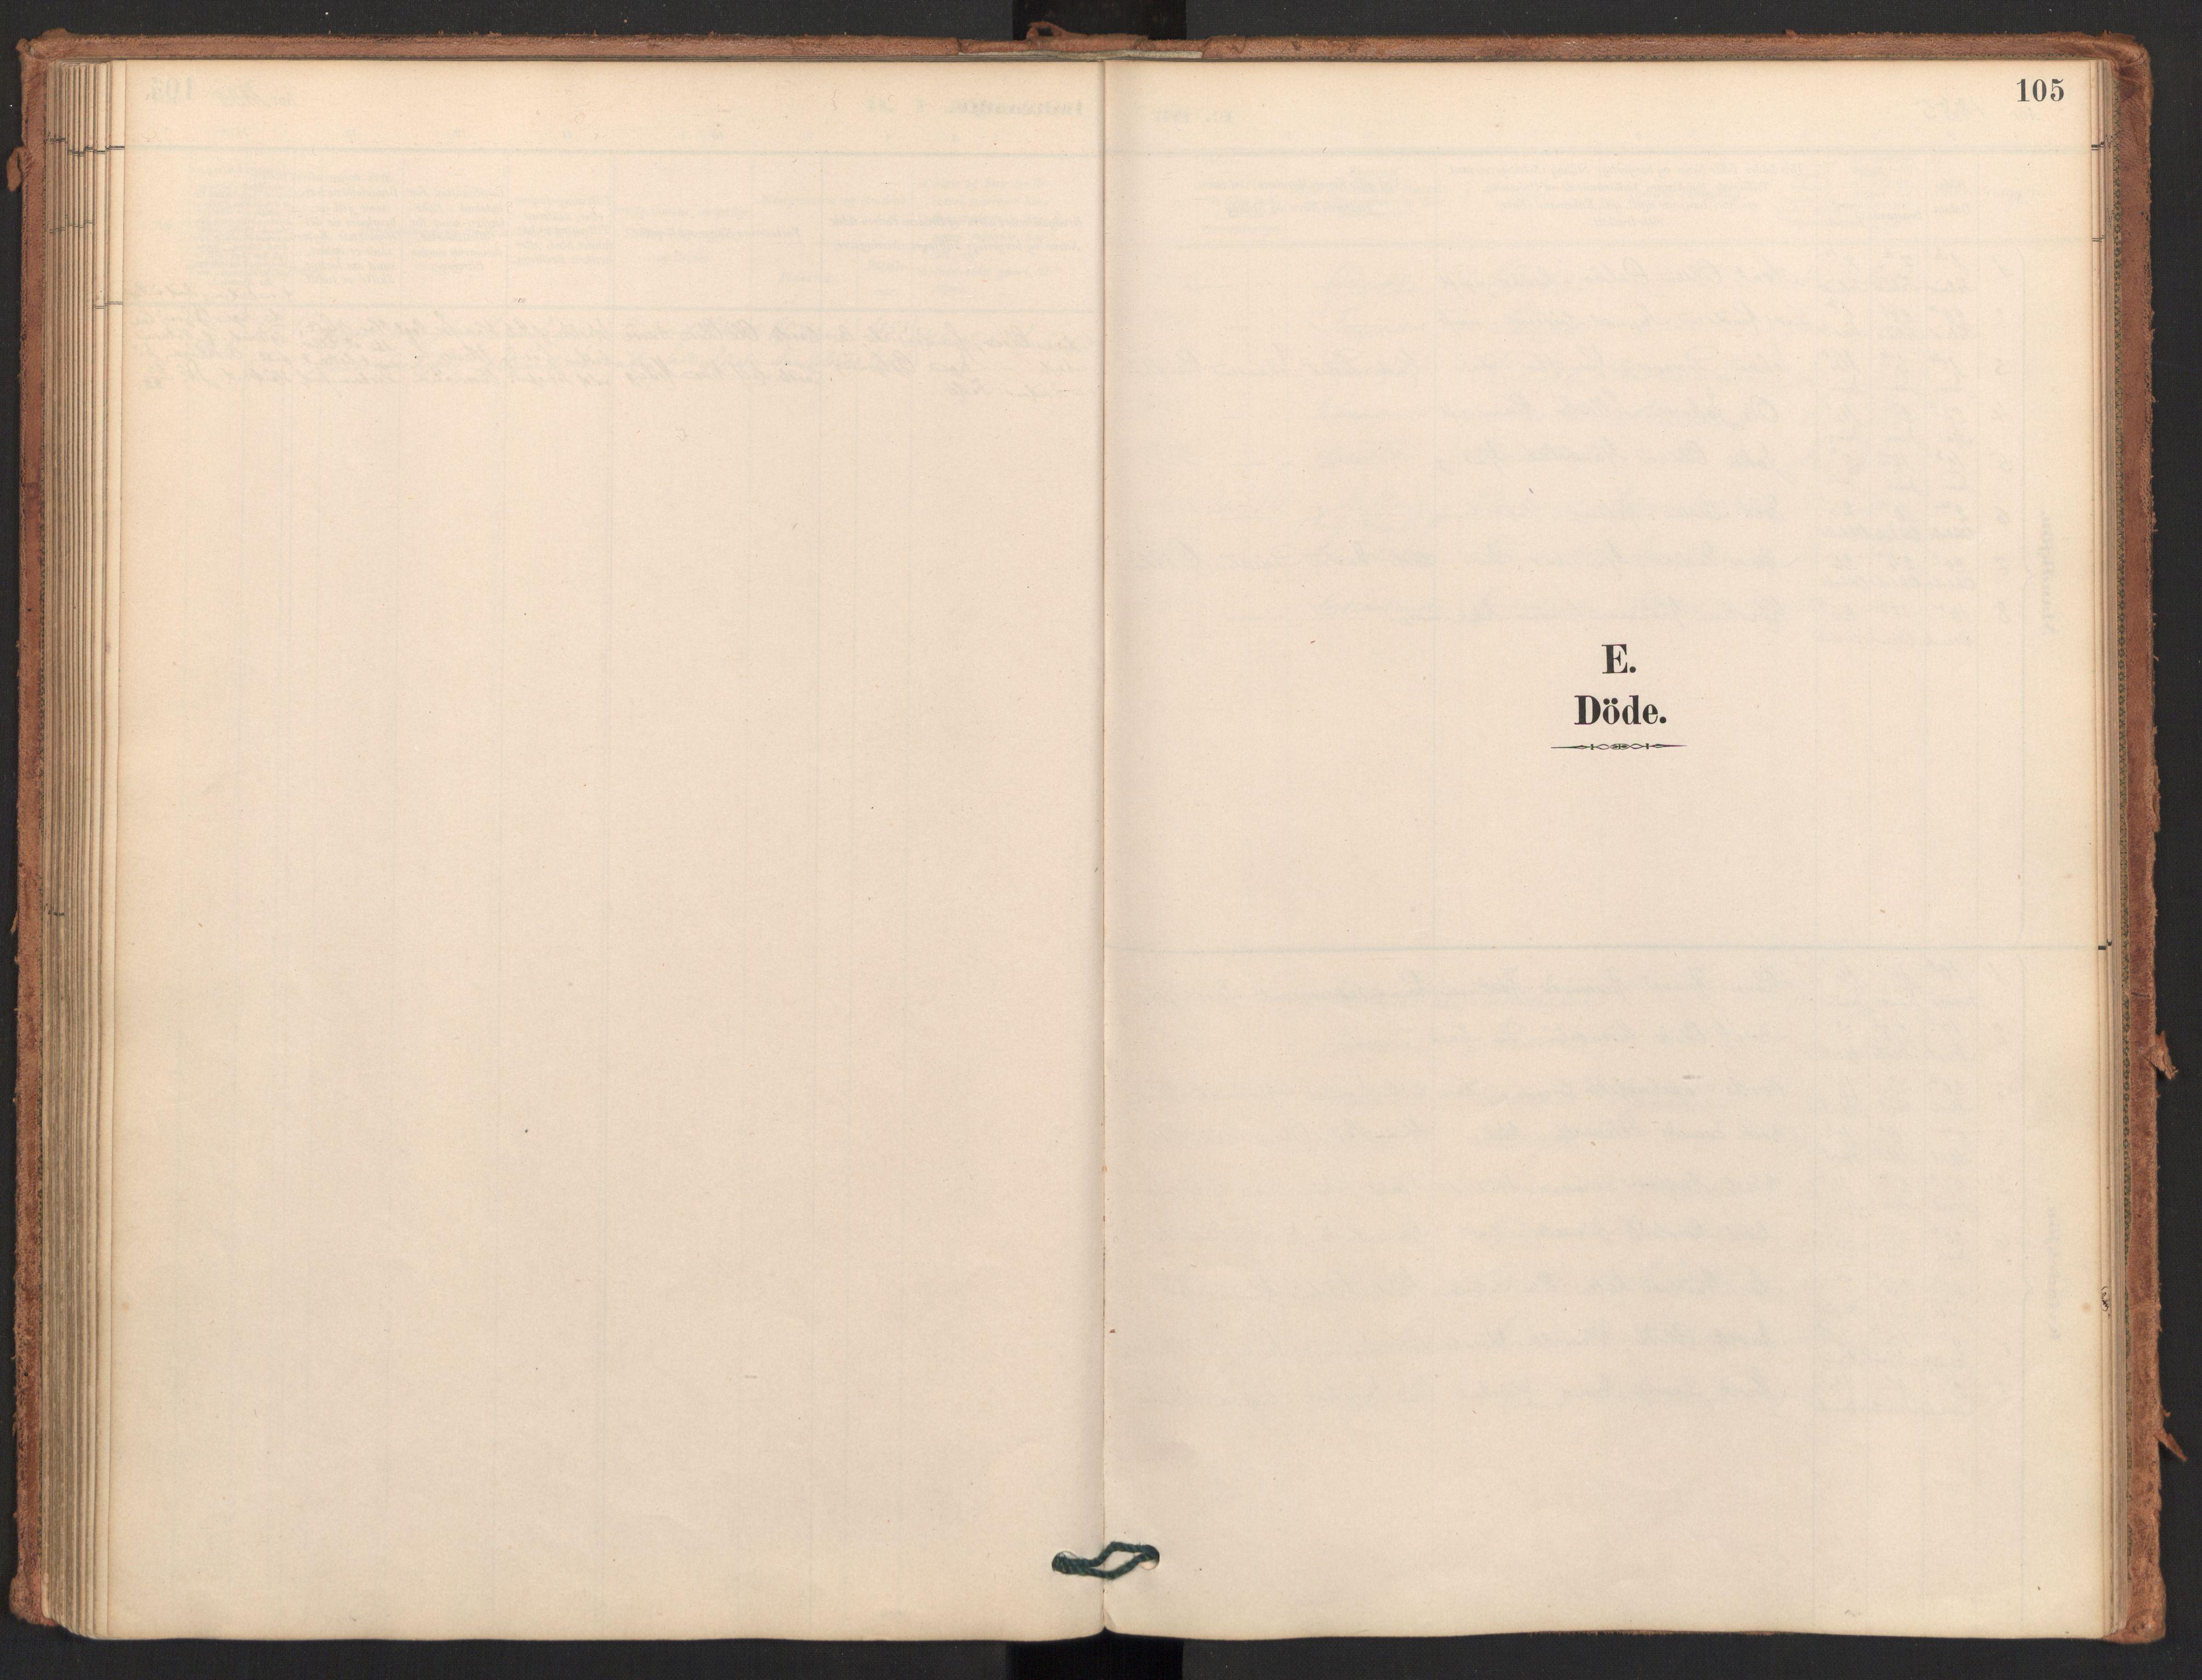 SAT, Ministerialprotokoller, klokkerbøker og fødselsregistre - Møre og Romsdal, 596/L1056: Ministerialbok nr. 596A01, 1885-1900, s. 105